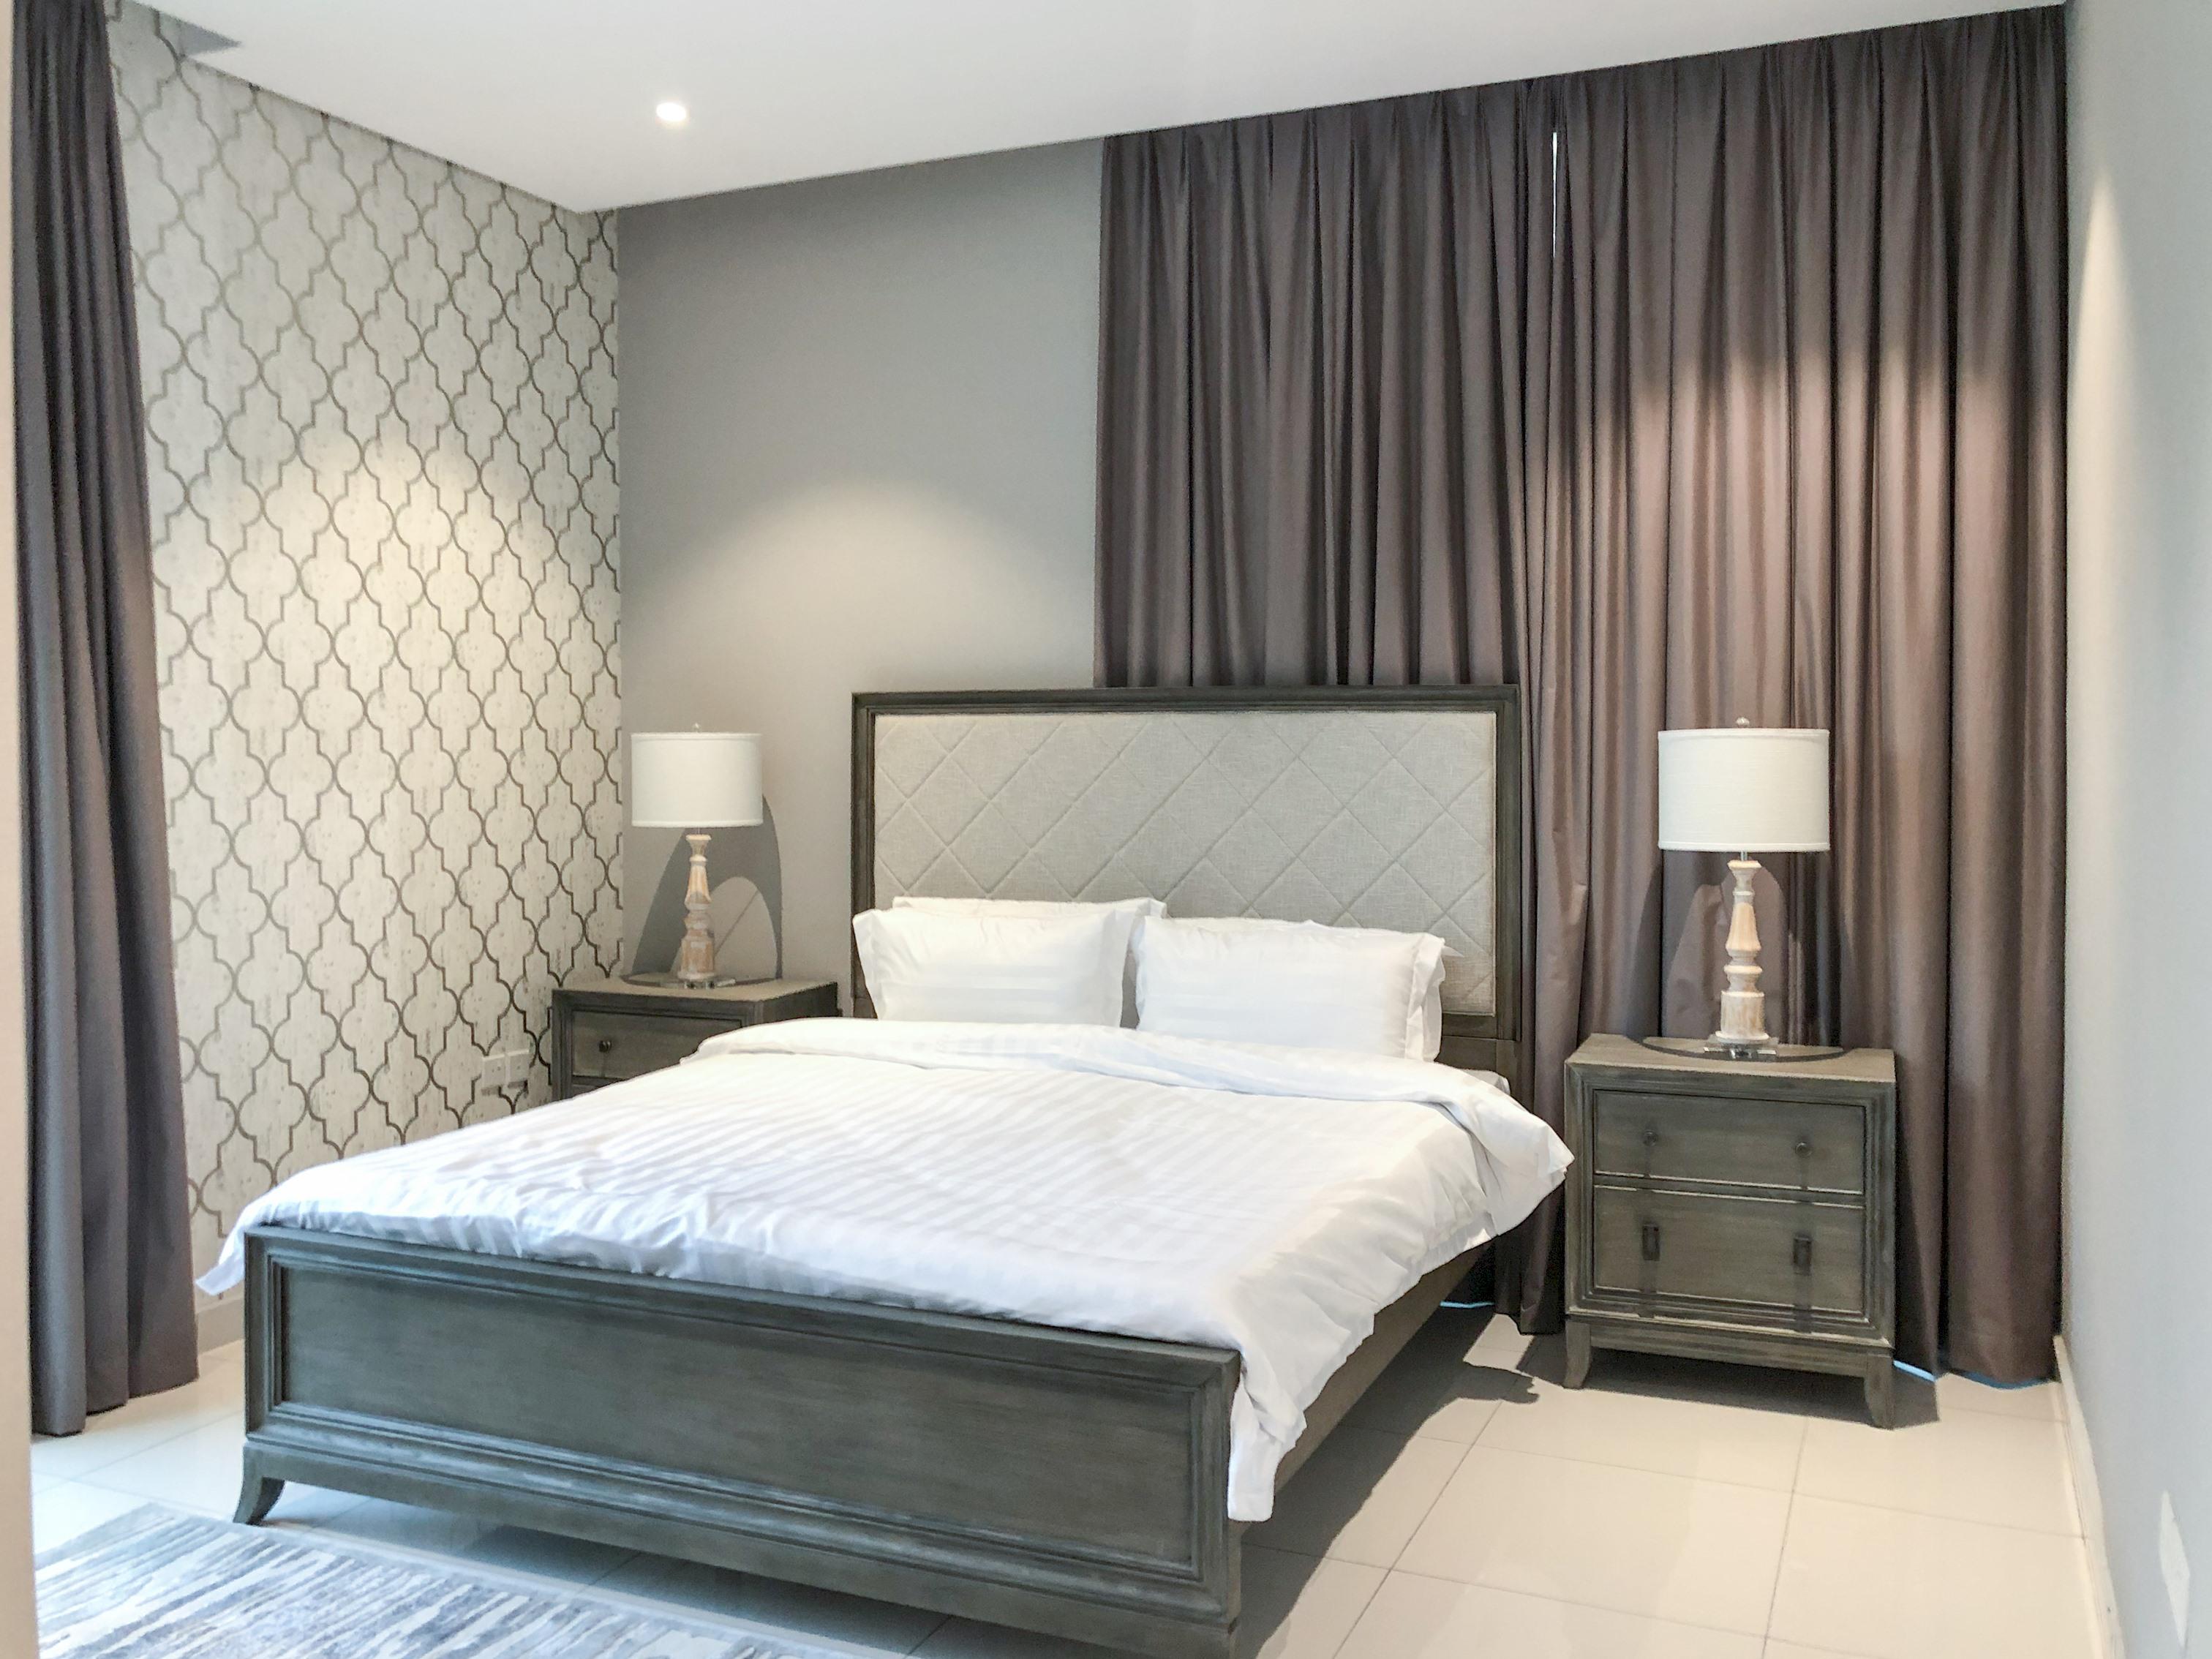 Apartment The Galleries Meydan Luxury - Dubai photo 27263518